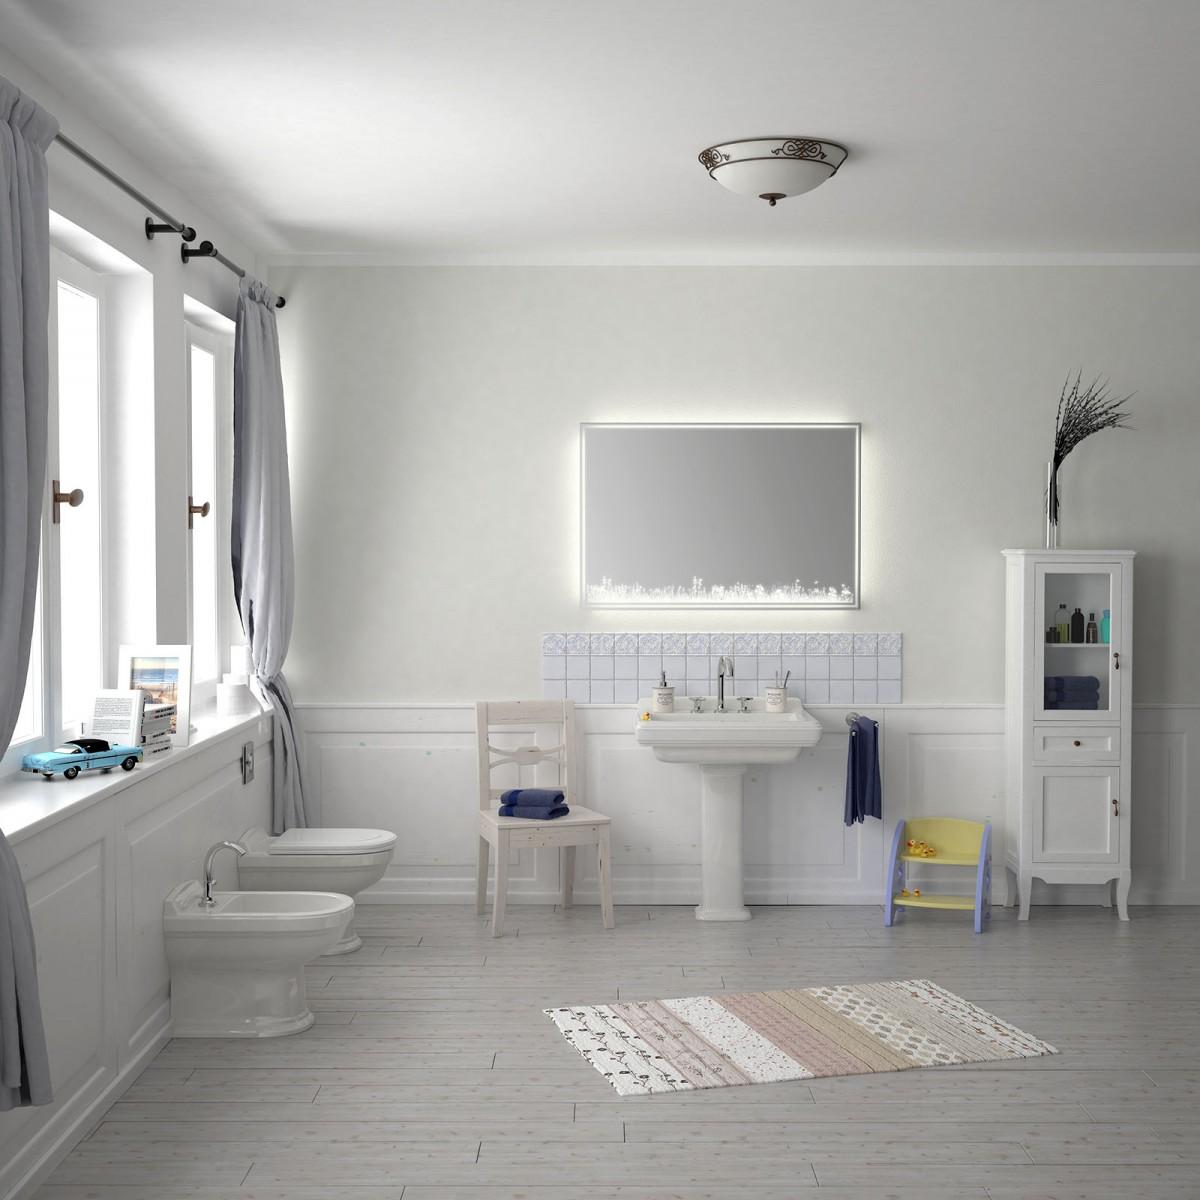 Bad Designspiegel Wiese 989703924